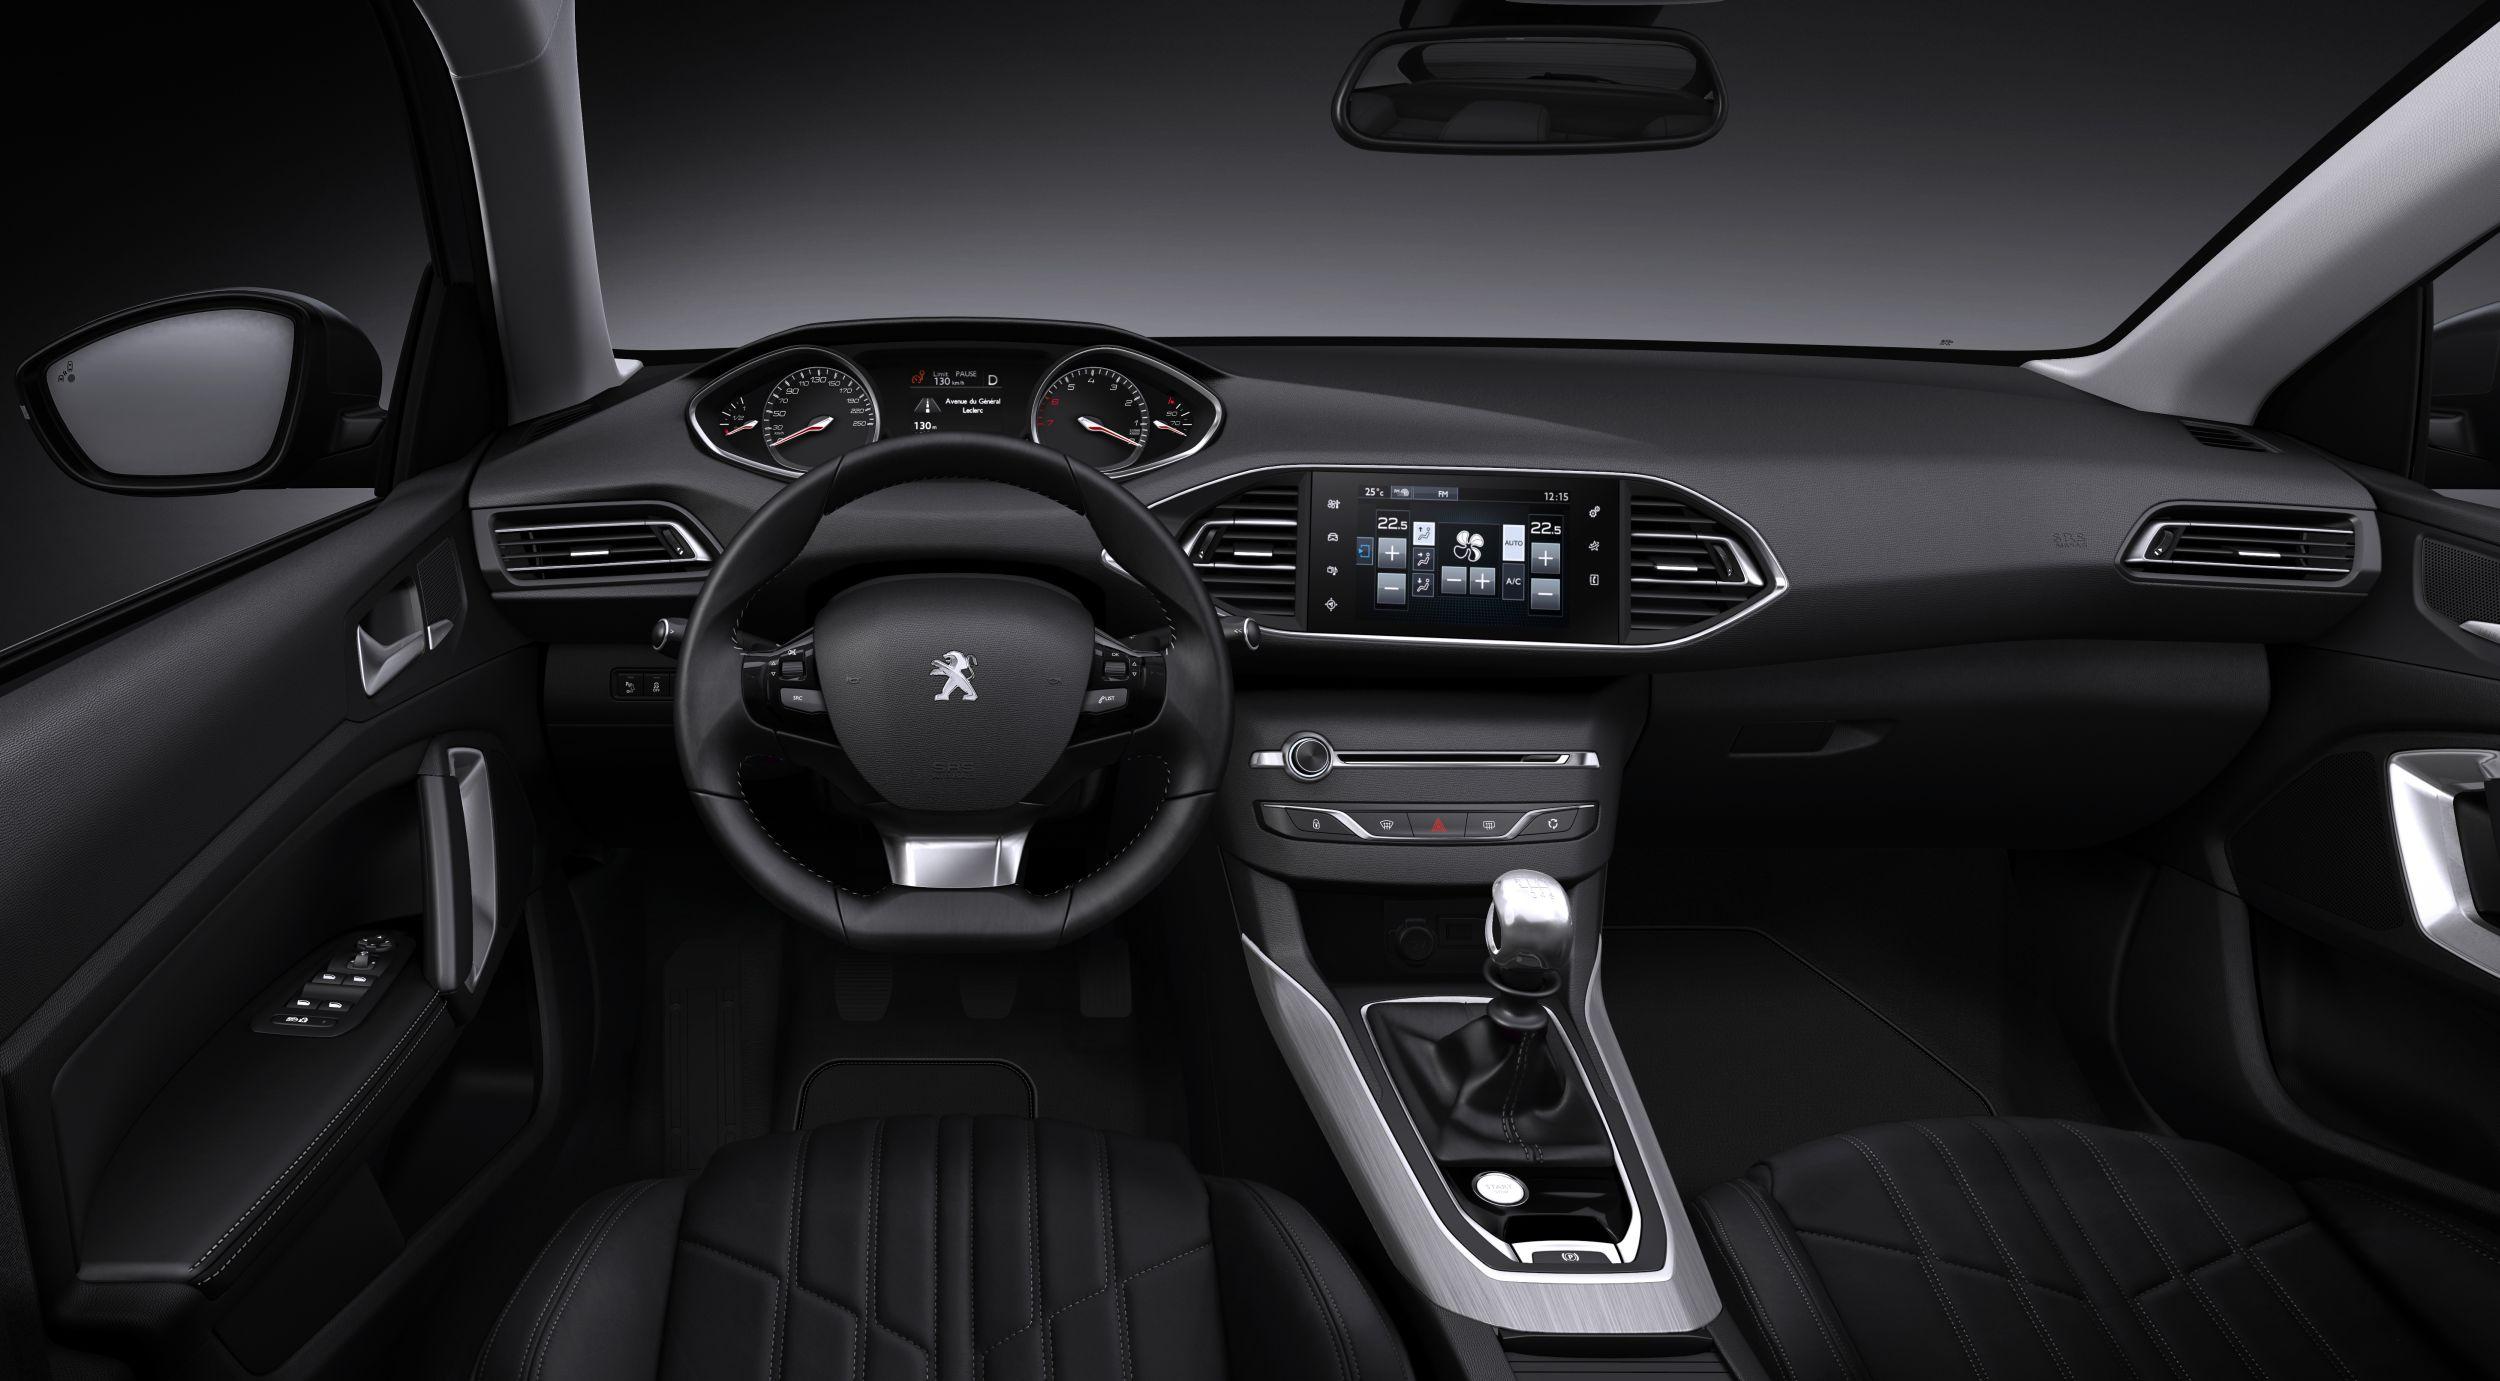 Interiorul noului Peugeot 308 aduce o noua abordare in domeniul ergonomiei habitaclului